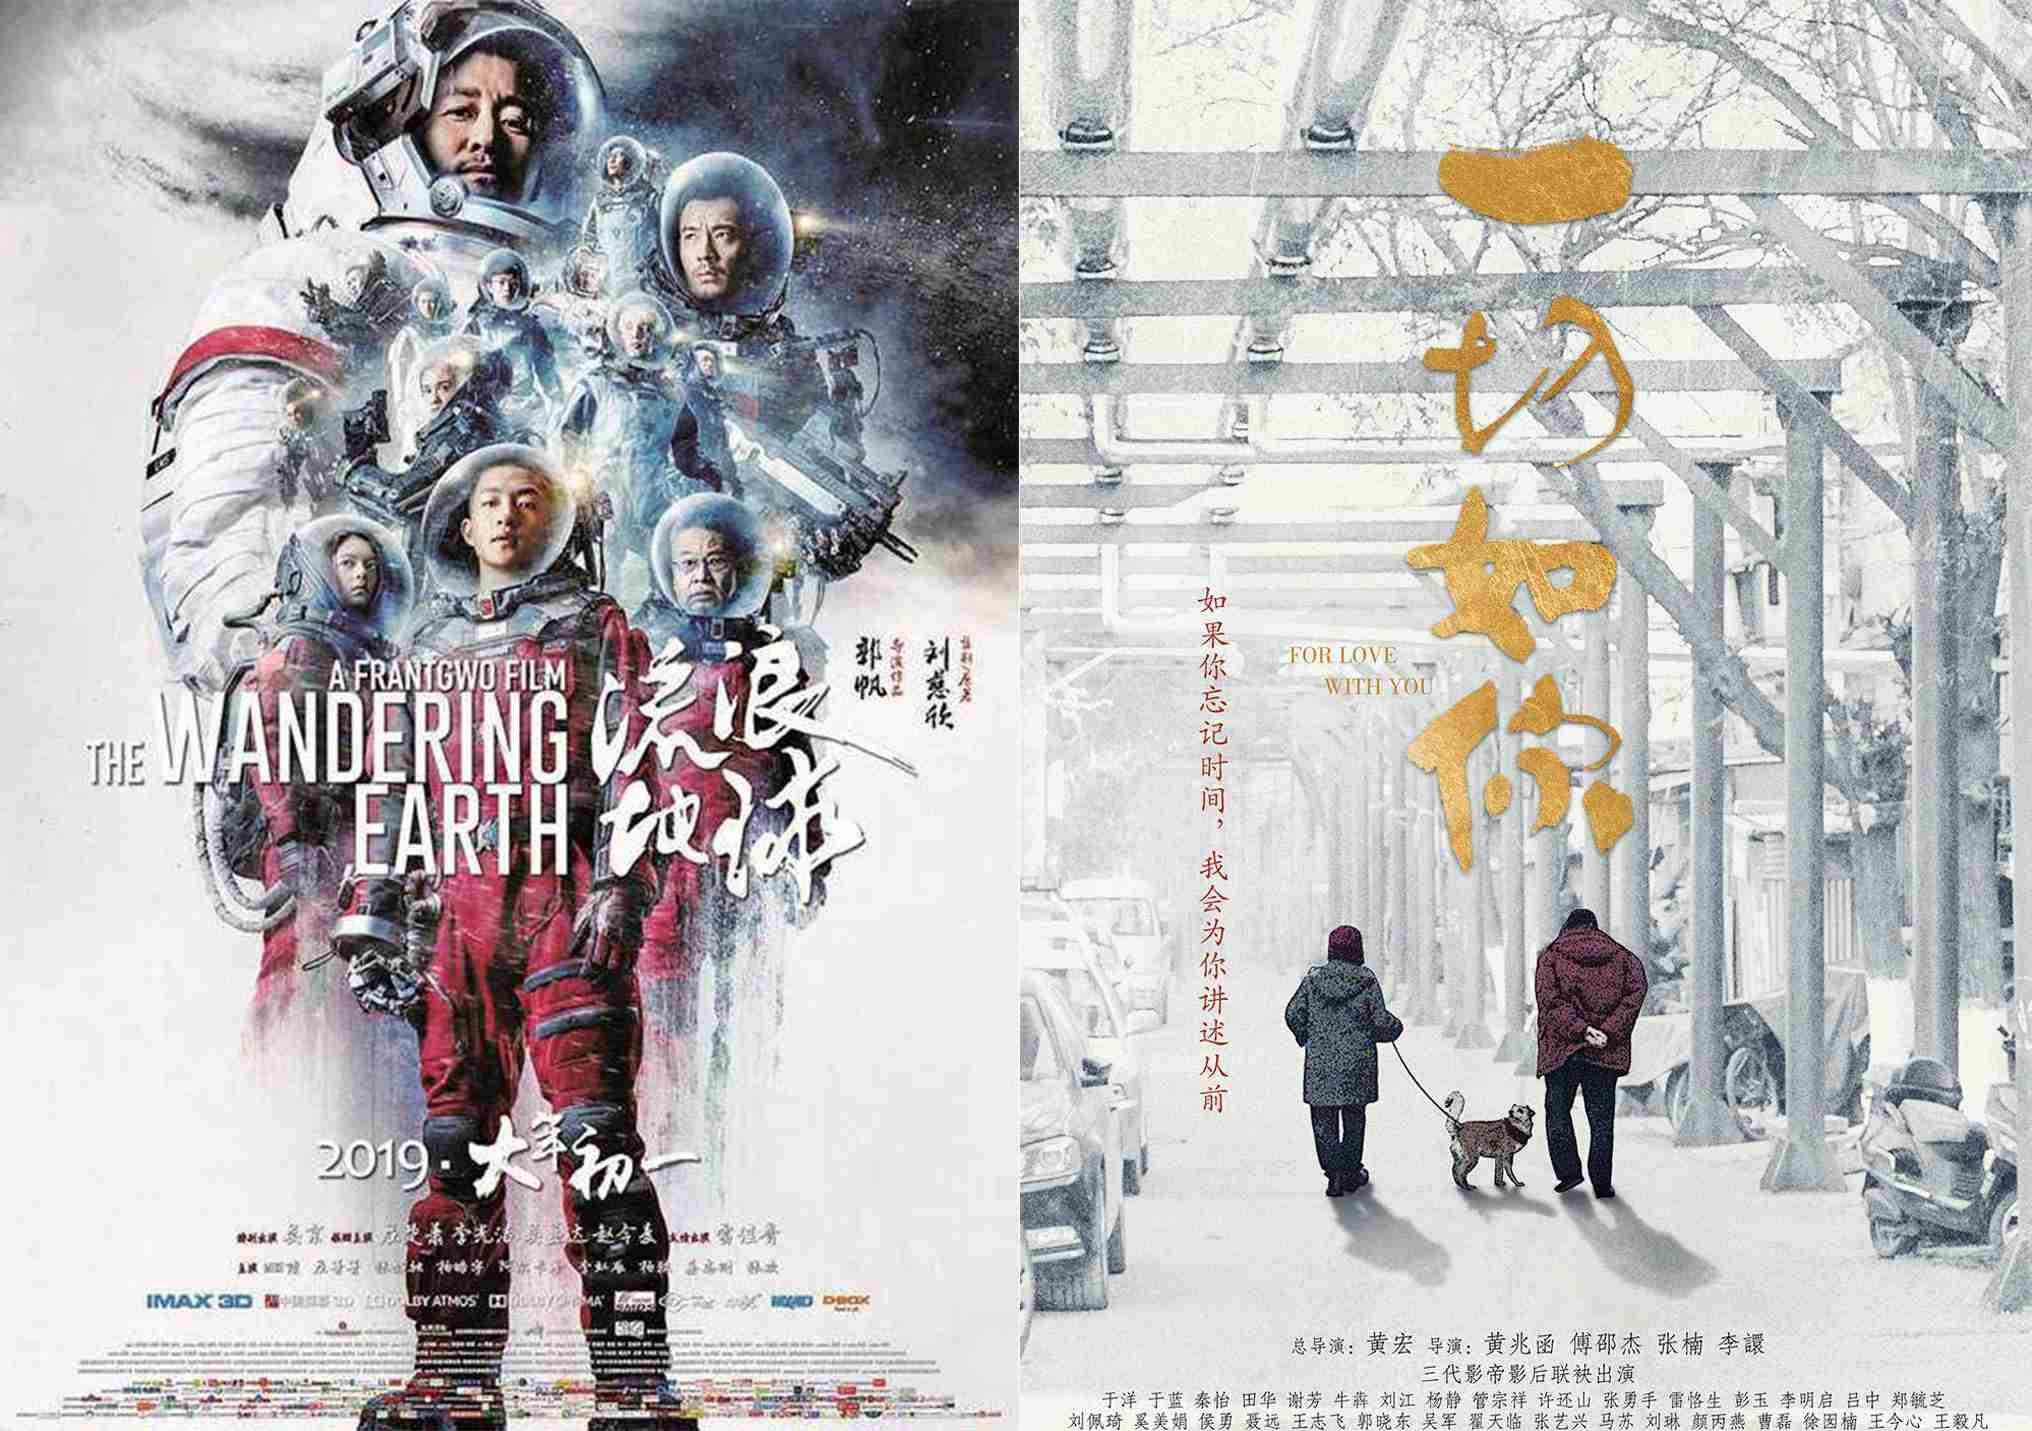 华语电影金嶡叶奖《流浪地球》《一切如你》成为最大赢家 (1).jpg